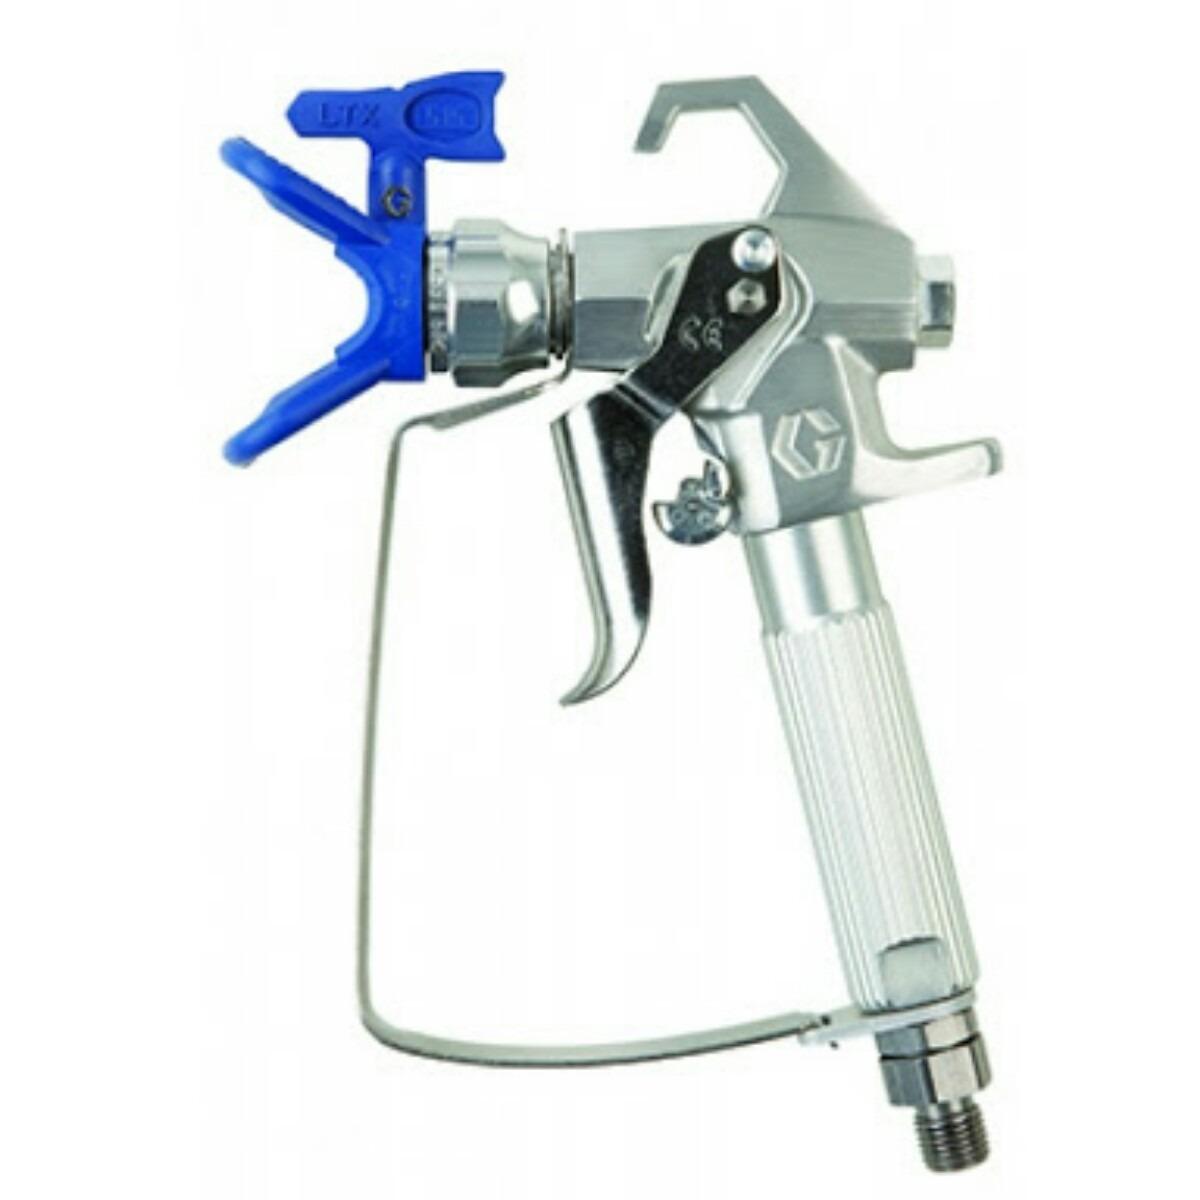 kit reparo pistola airless graco ftx e contractor r 350. Black Bedroom Furniture Sets. Home Design Ideas